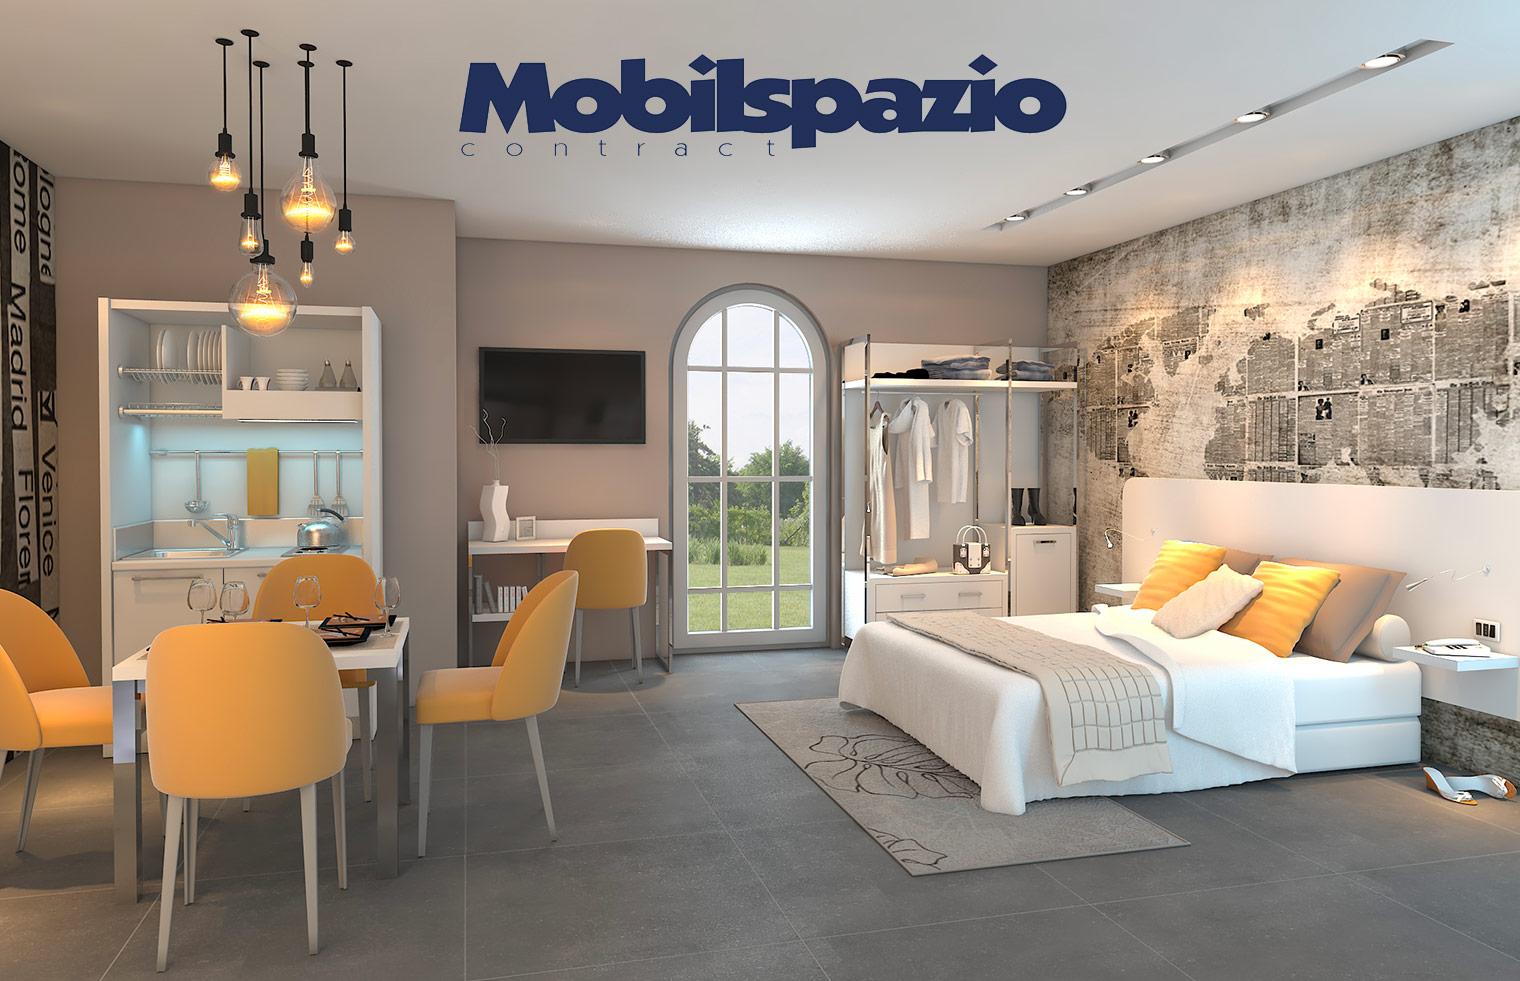 Mobilspazio cucine monoblocco e arredi per hotel e residence for Arredi per alberghi e hotel